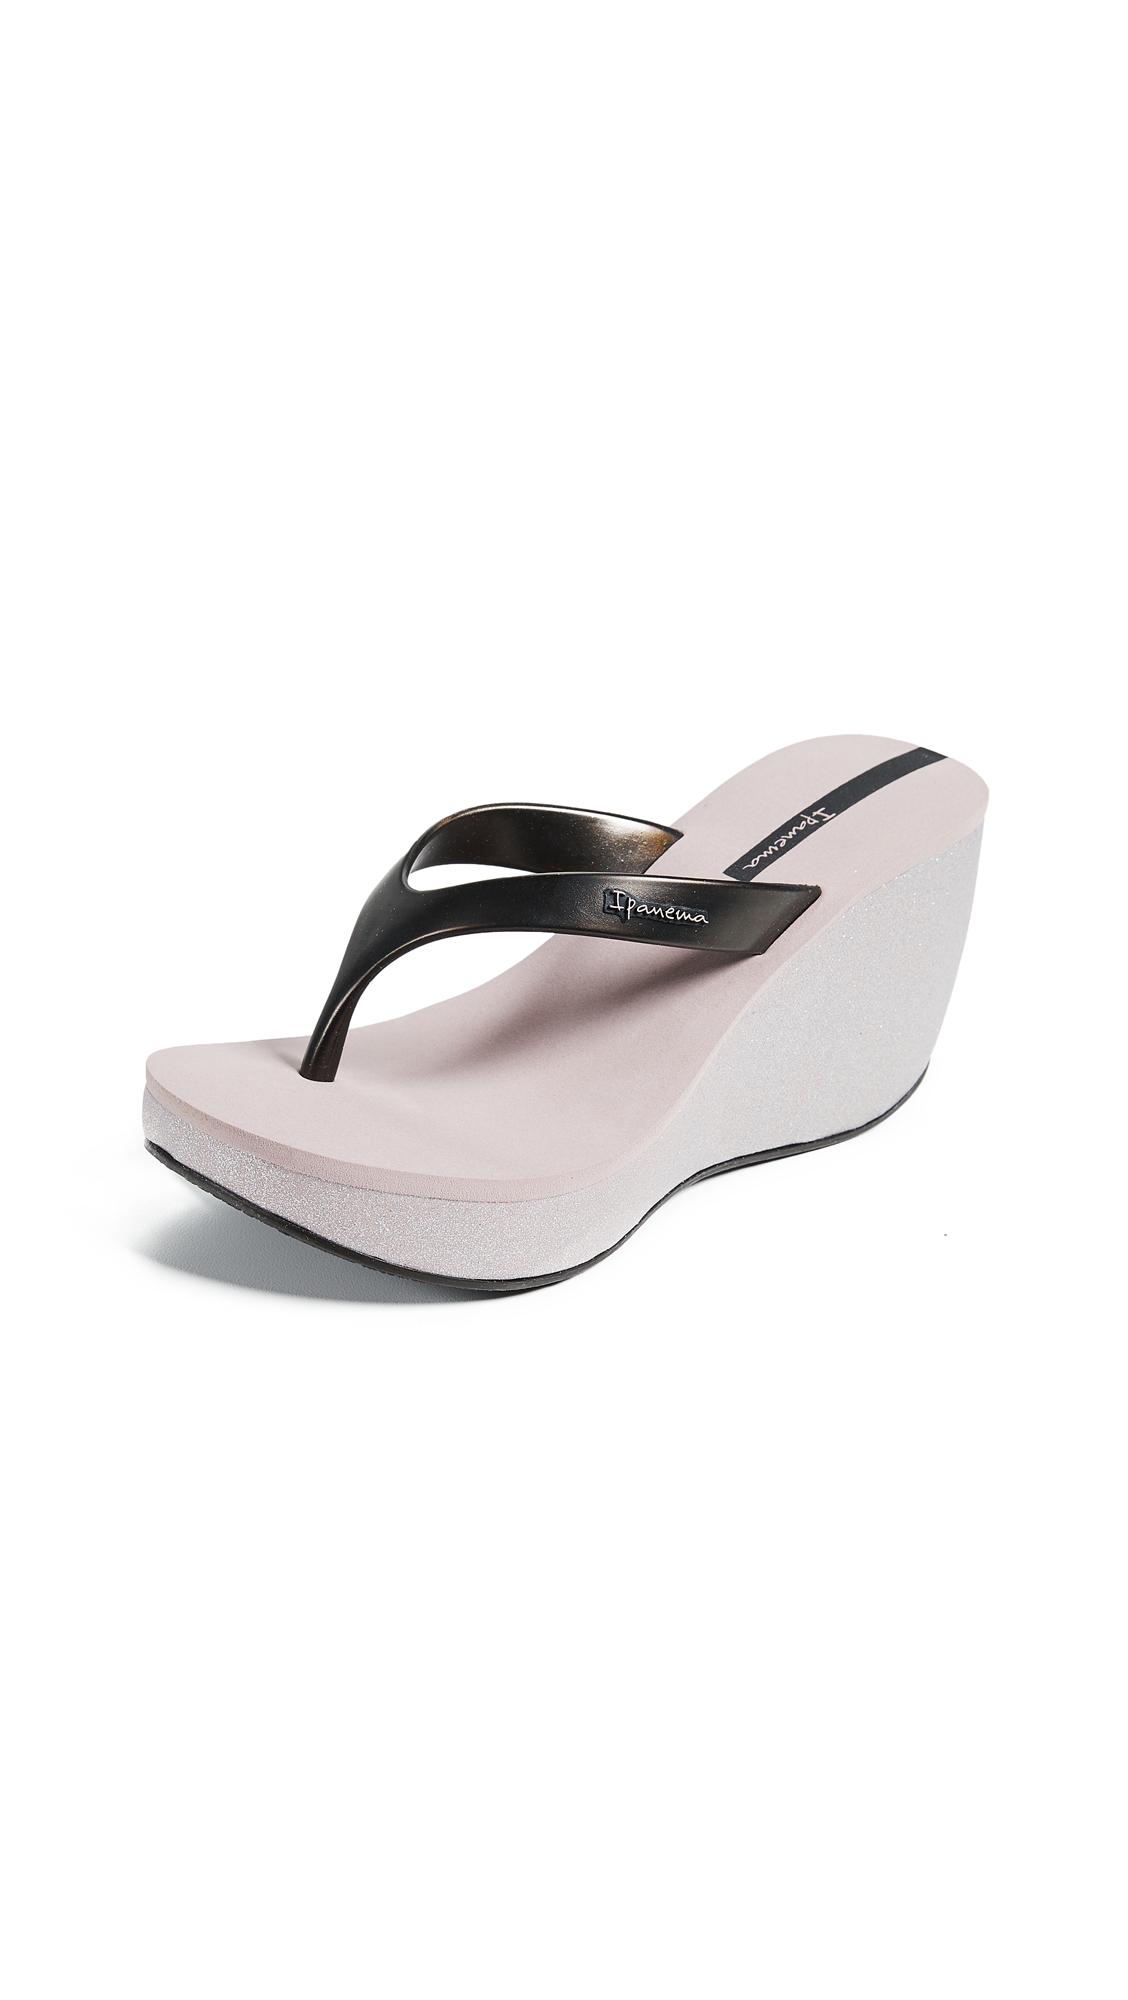 Ipanema Bolero Wedge Flip Flops - Beige/Black